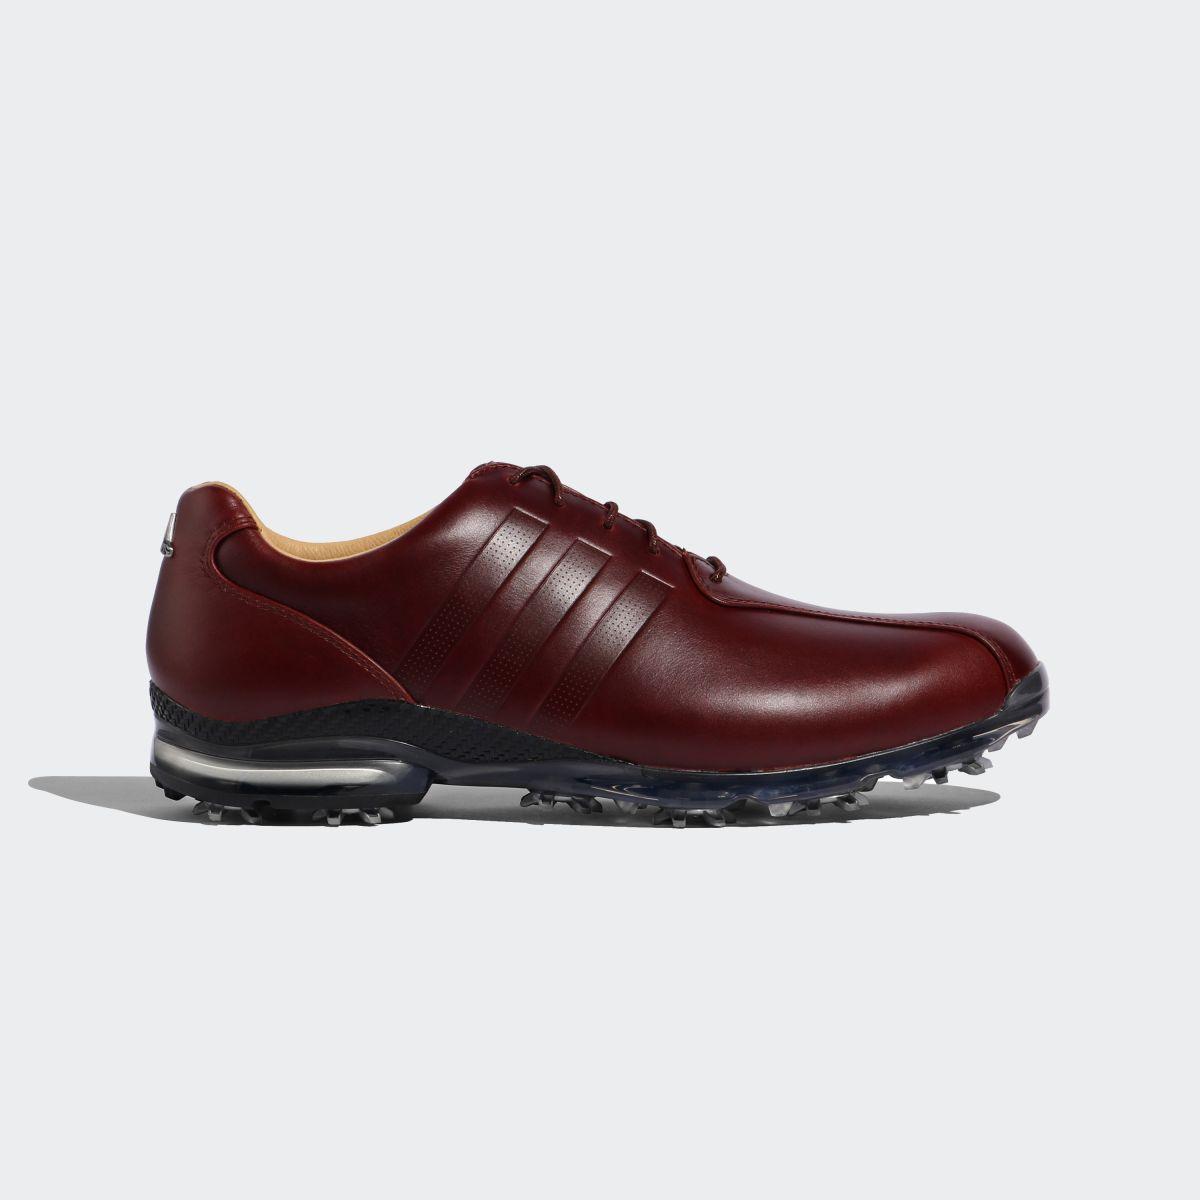 【公式】アディダス adidas アディピュア TP 【ゴルフ】 メンズ ゴルフ シューズ スポーツシューズ Q44676